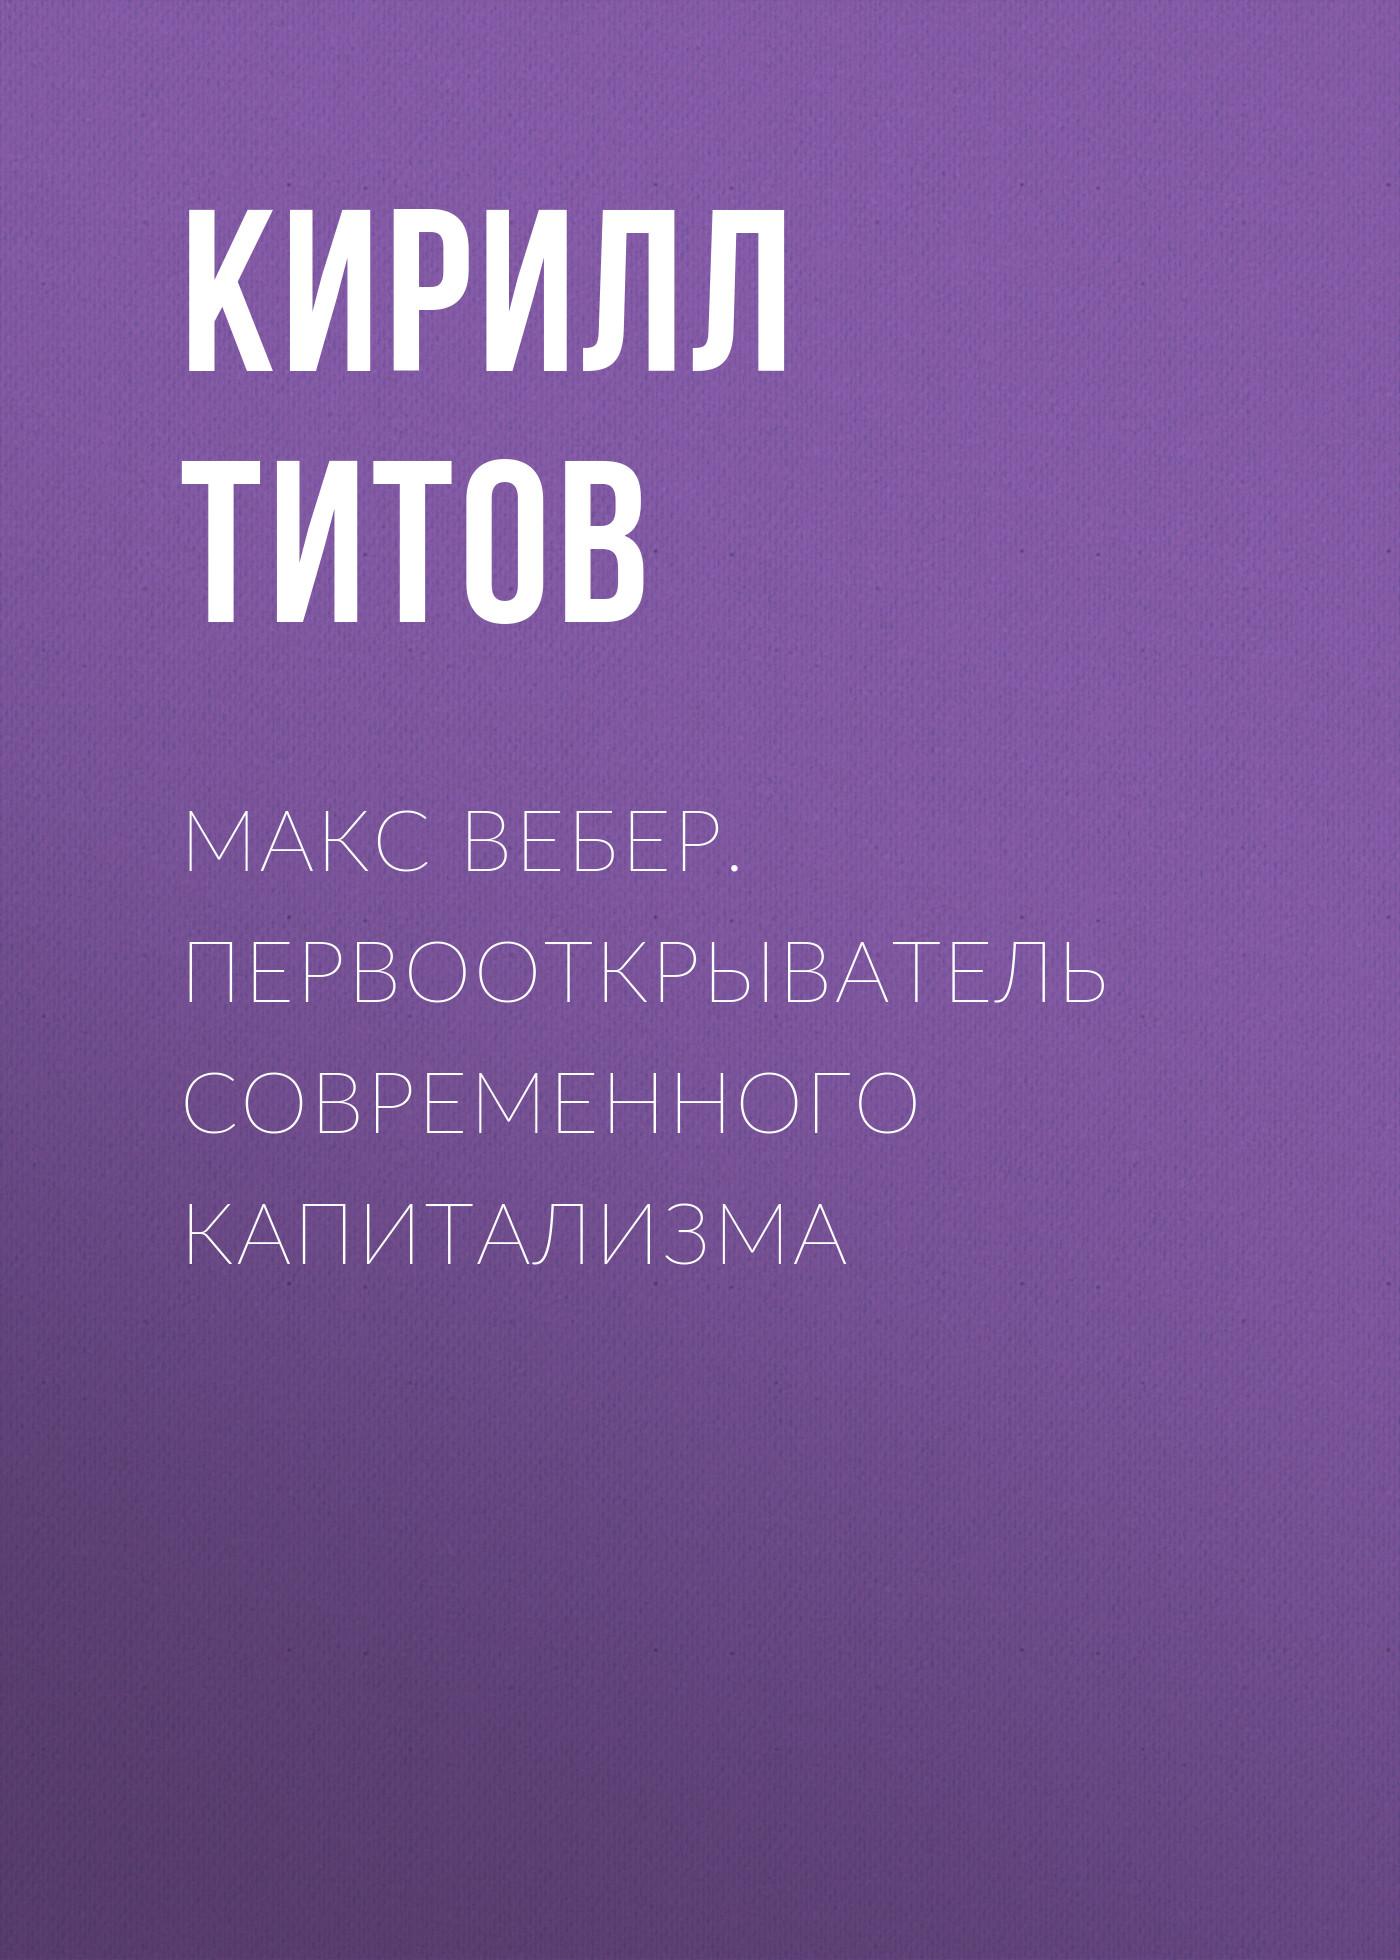 Кирилл Титов Макс Вебер. Первооткрыватель современного капитализма макс вебер макс вебер избранное образ общества isbn 978 5 98712 800 8